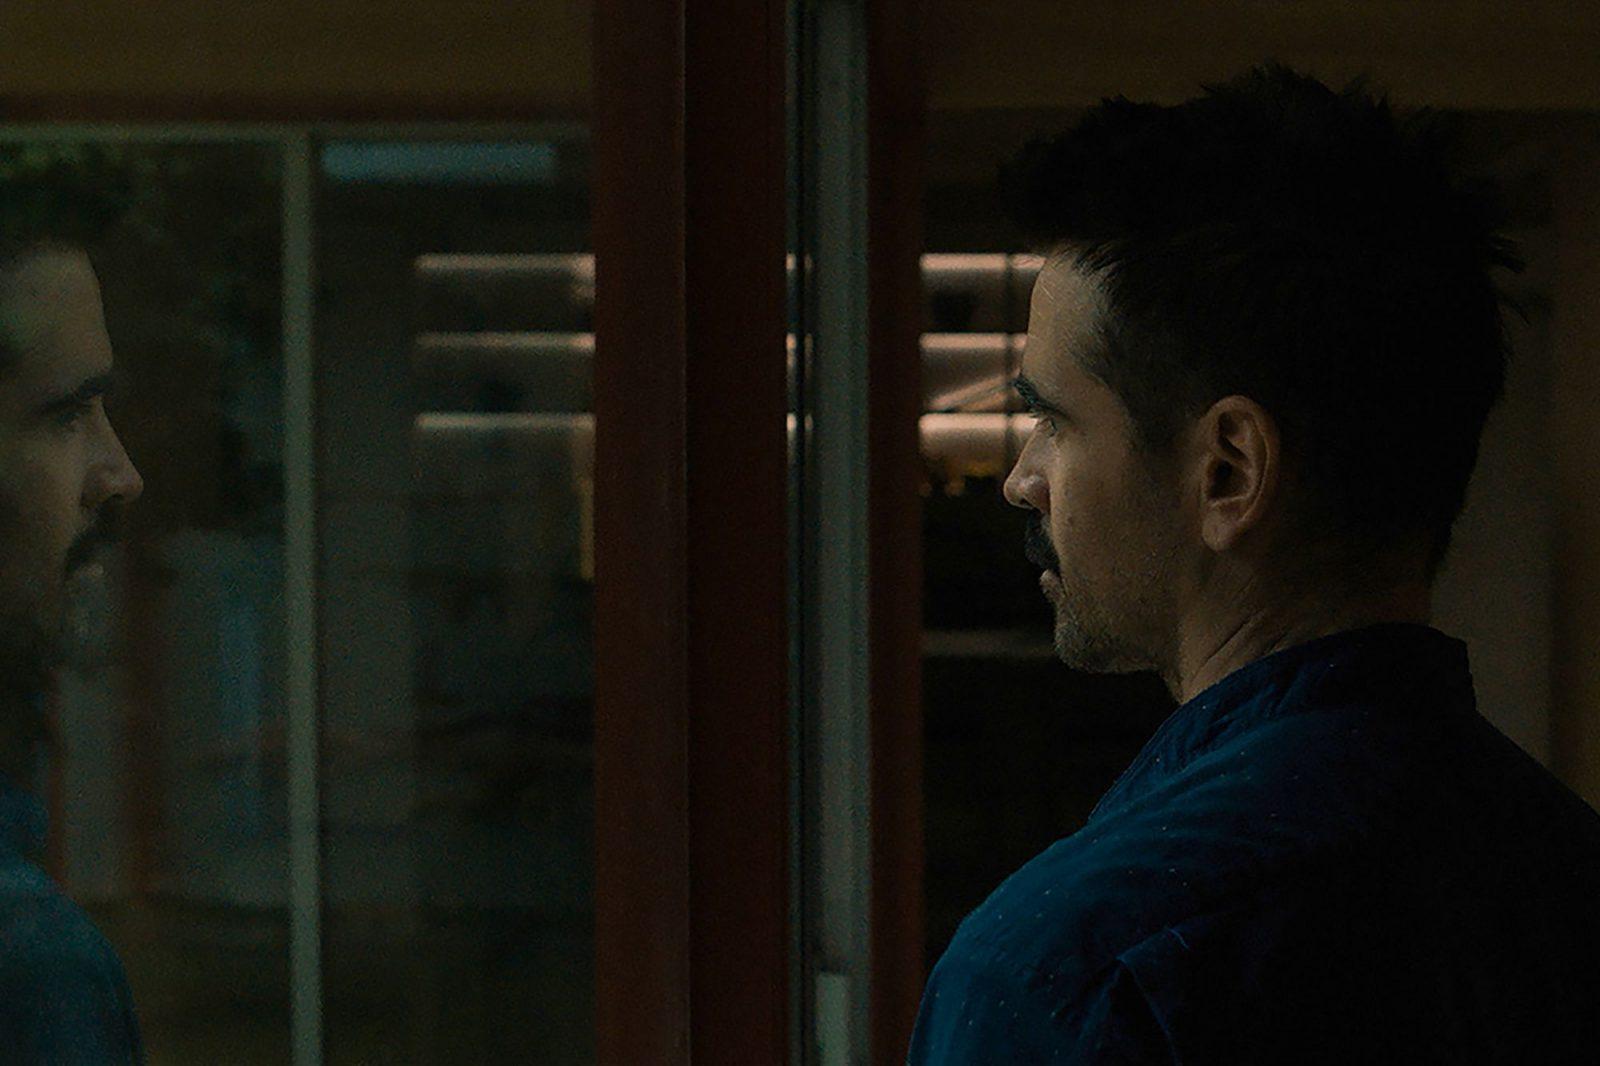 Колин Фаррелл в роли Джейка на кадре из фильма «После Янга»